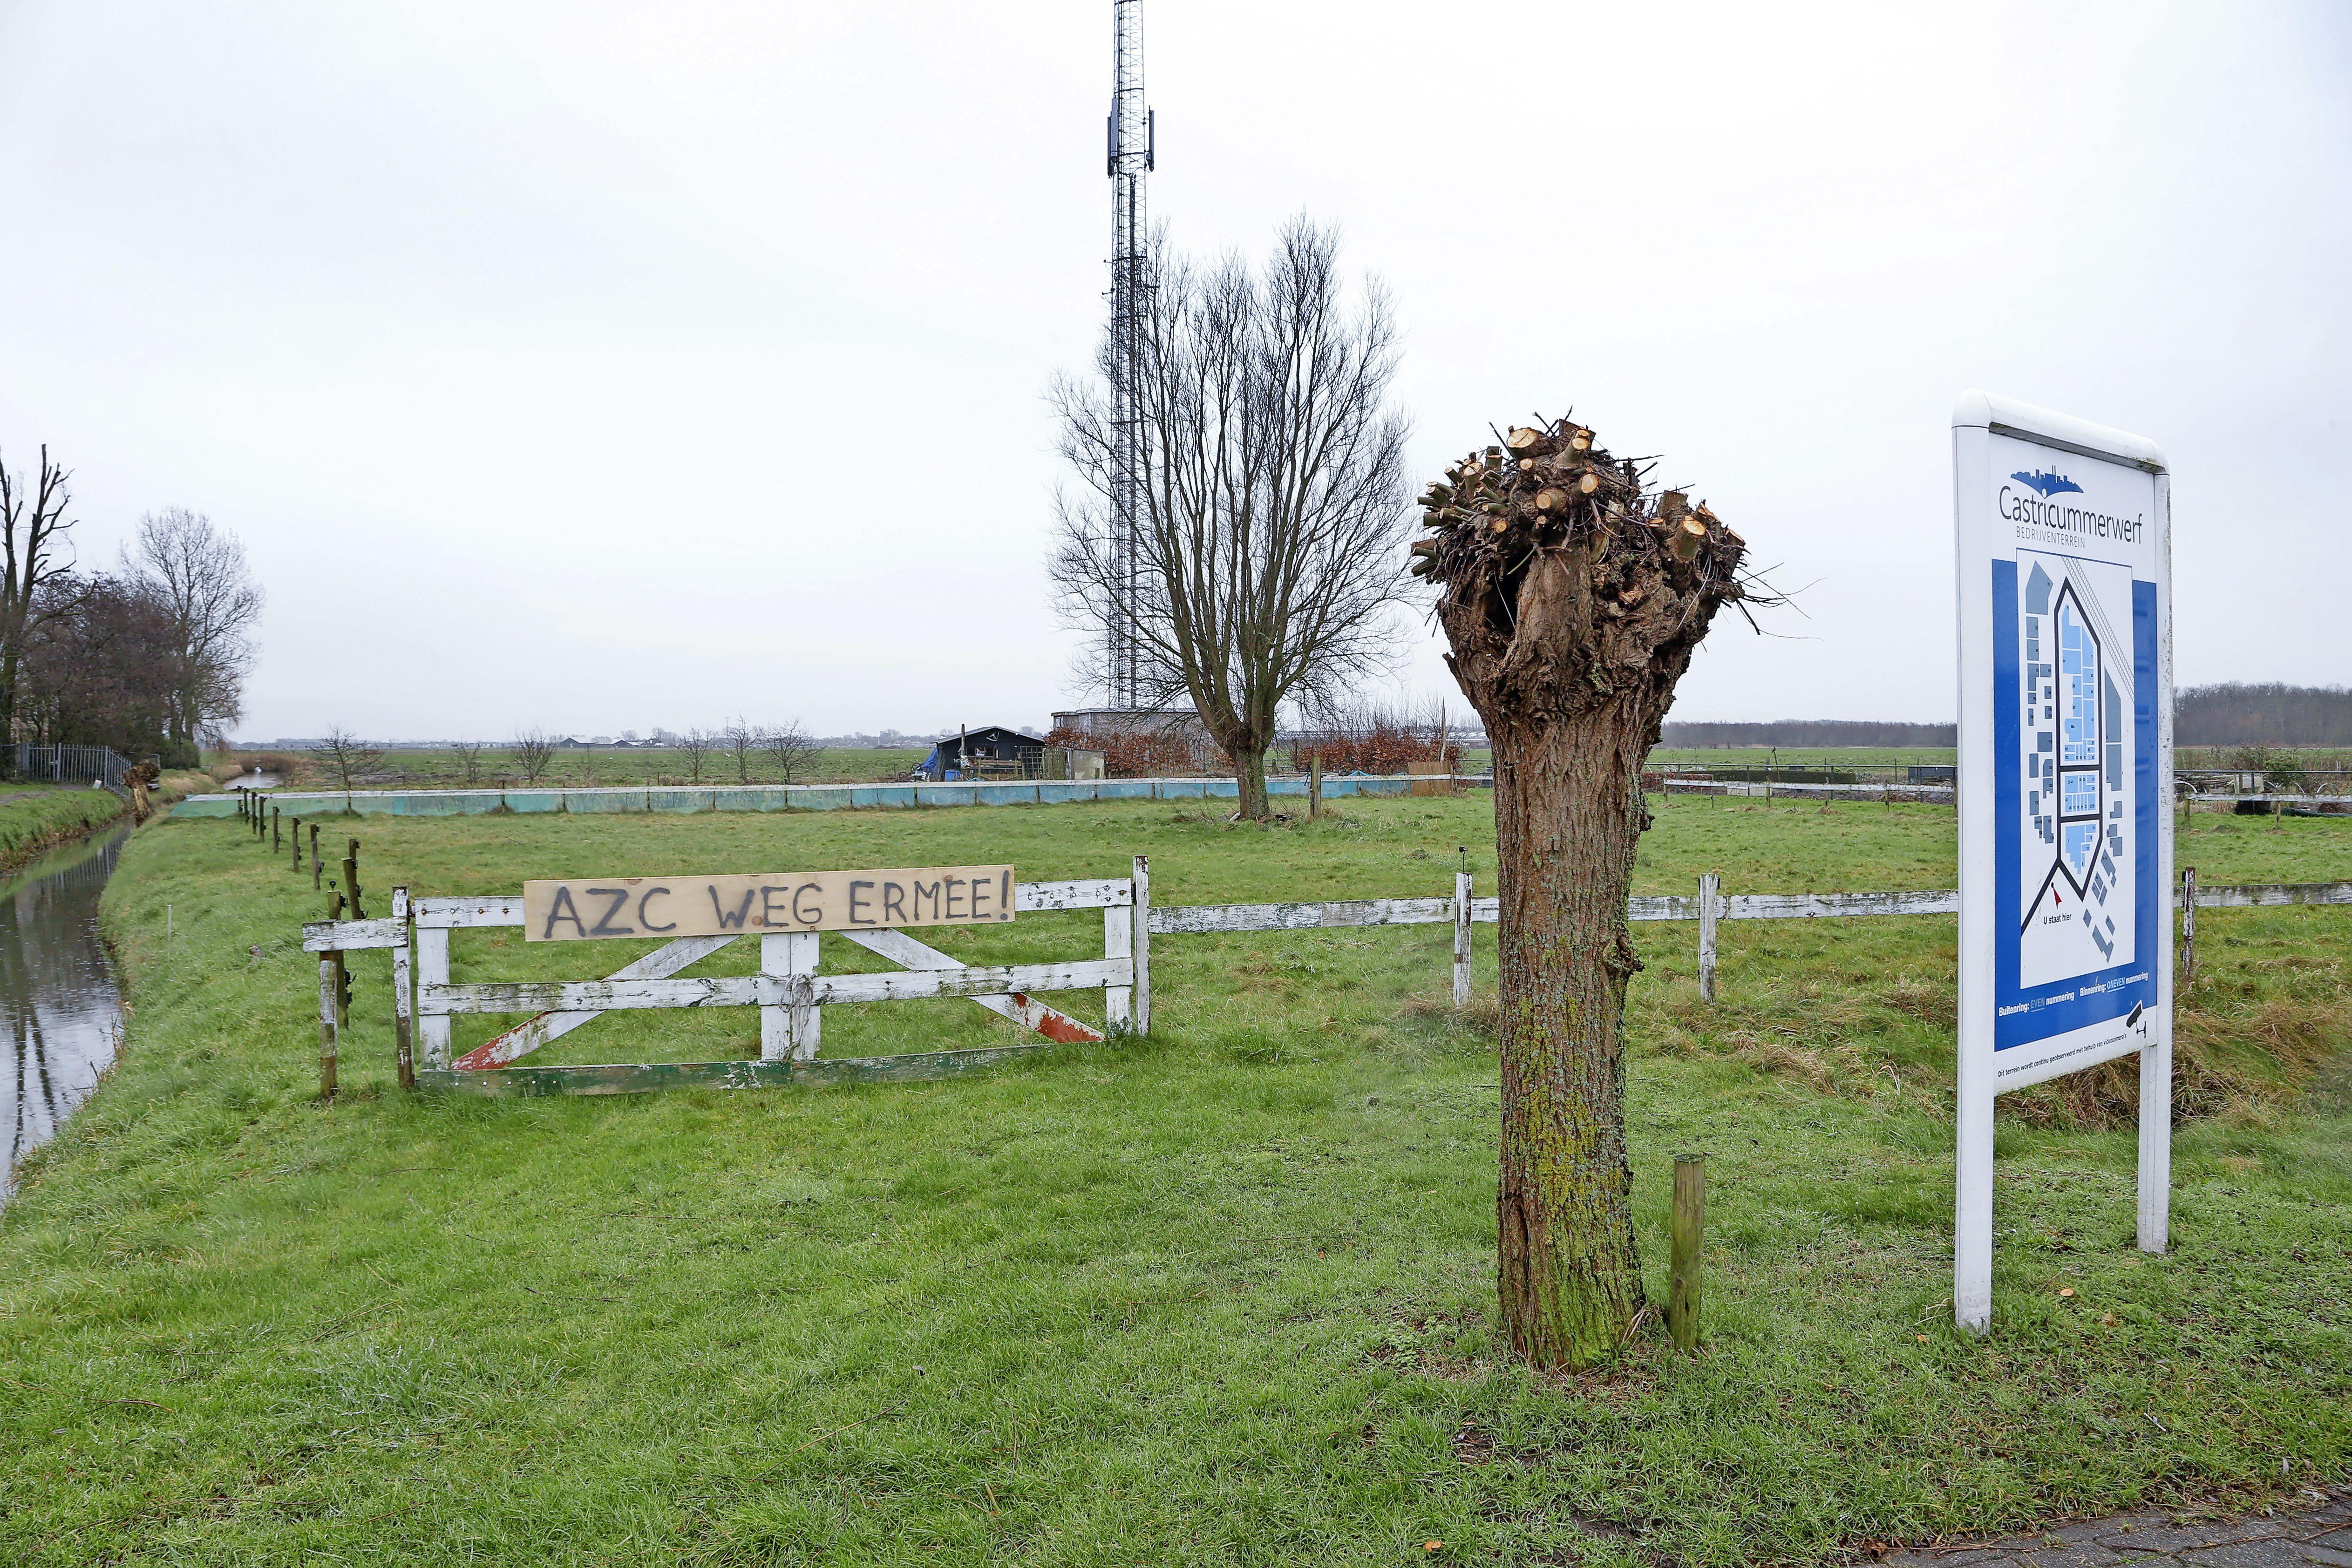 Forza IJmond wil weten waarom Velsen 22 'Bloemendaalse' statushouders een huis gaf